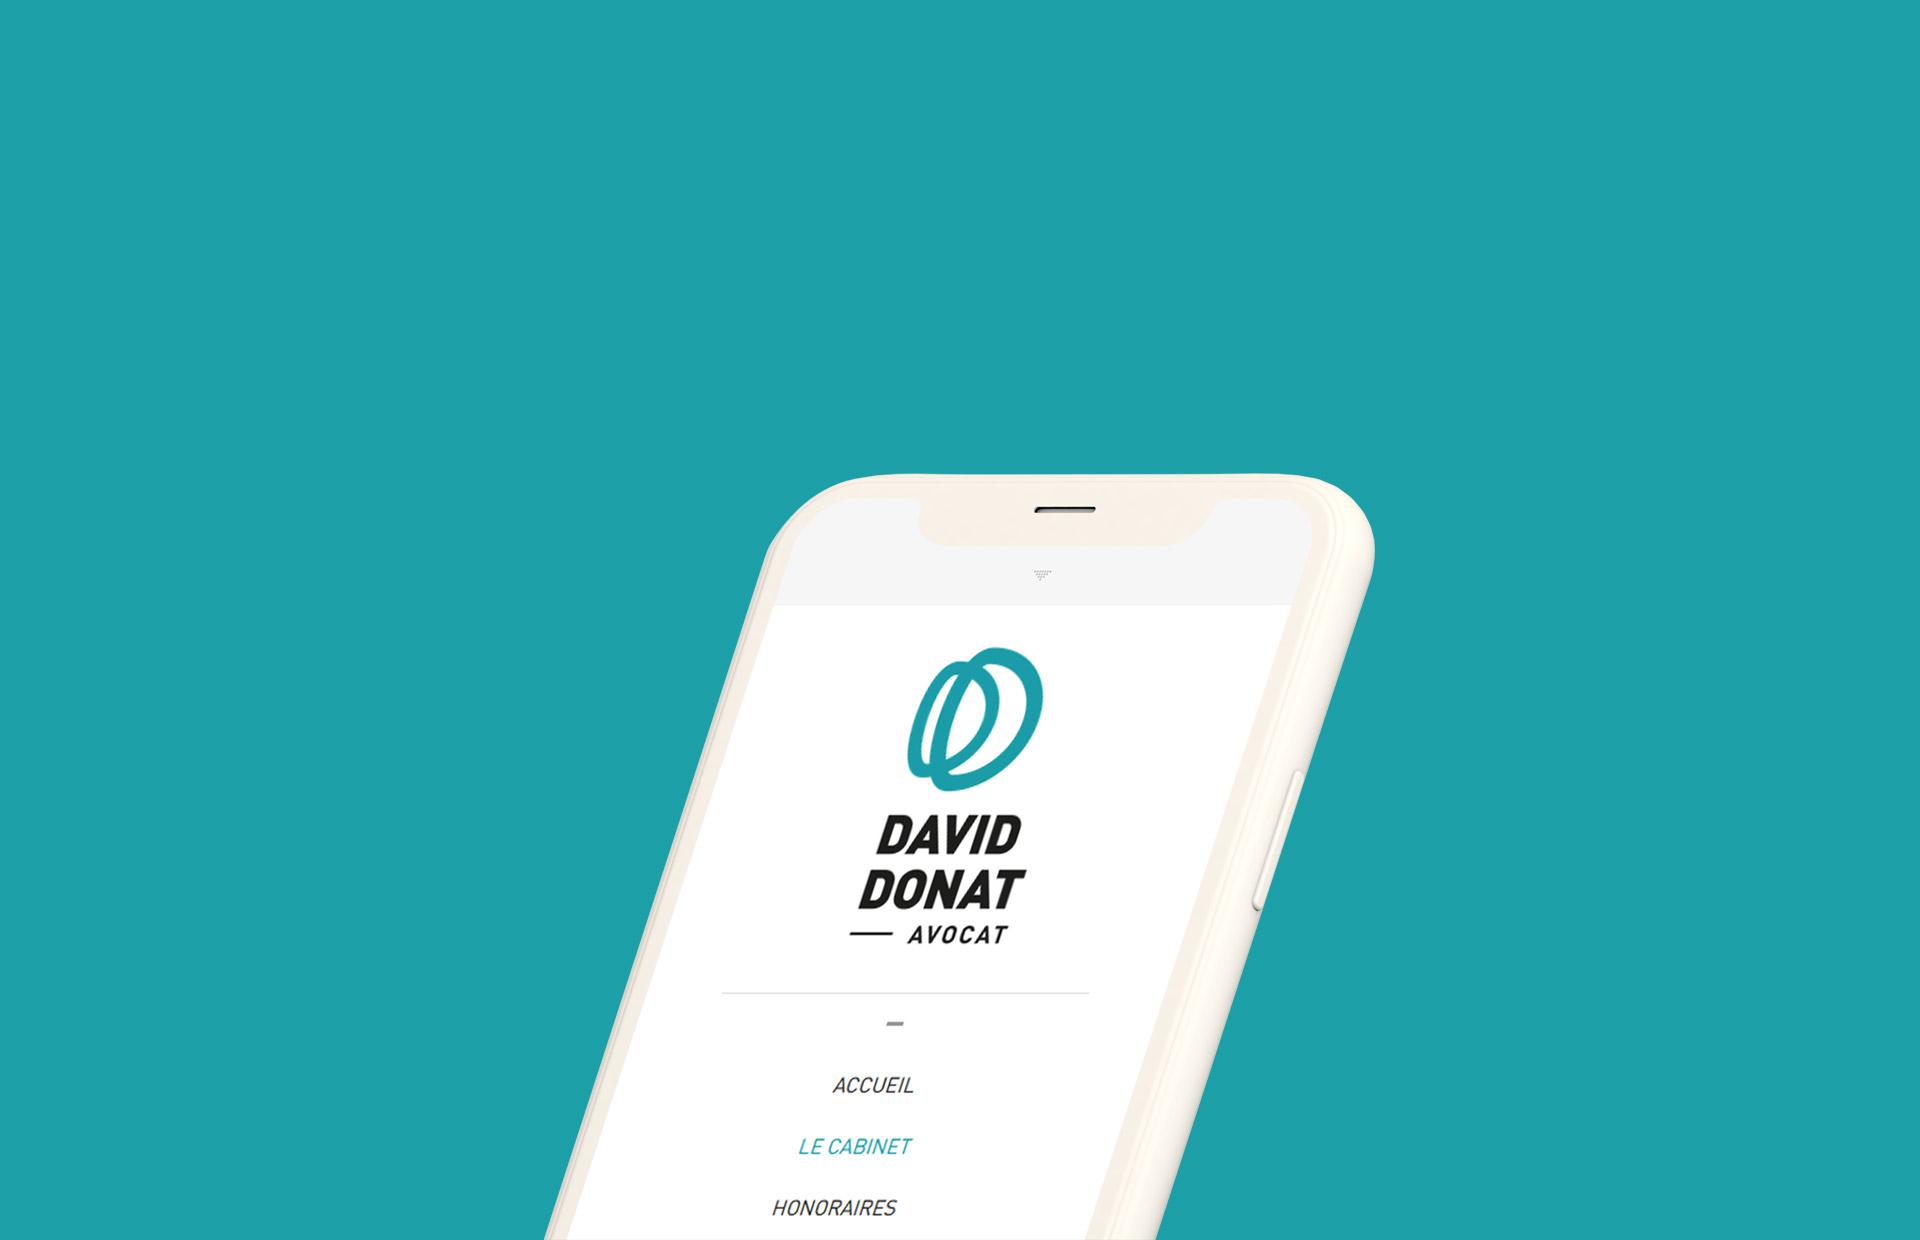 David Donat